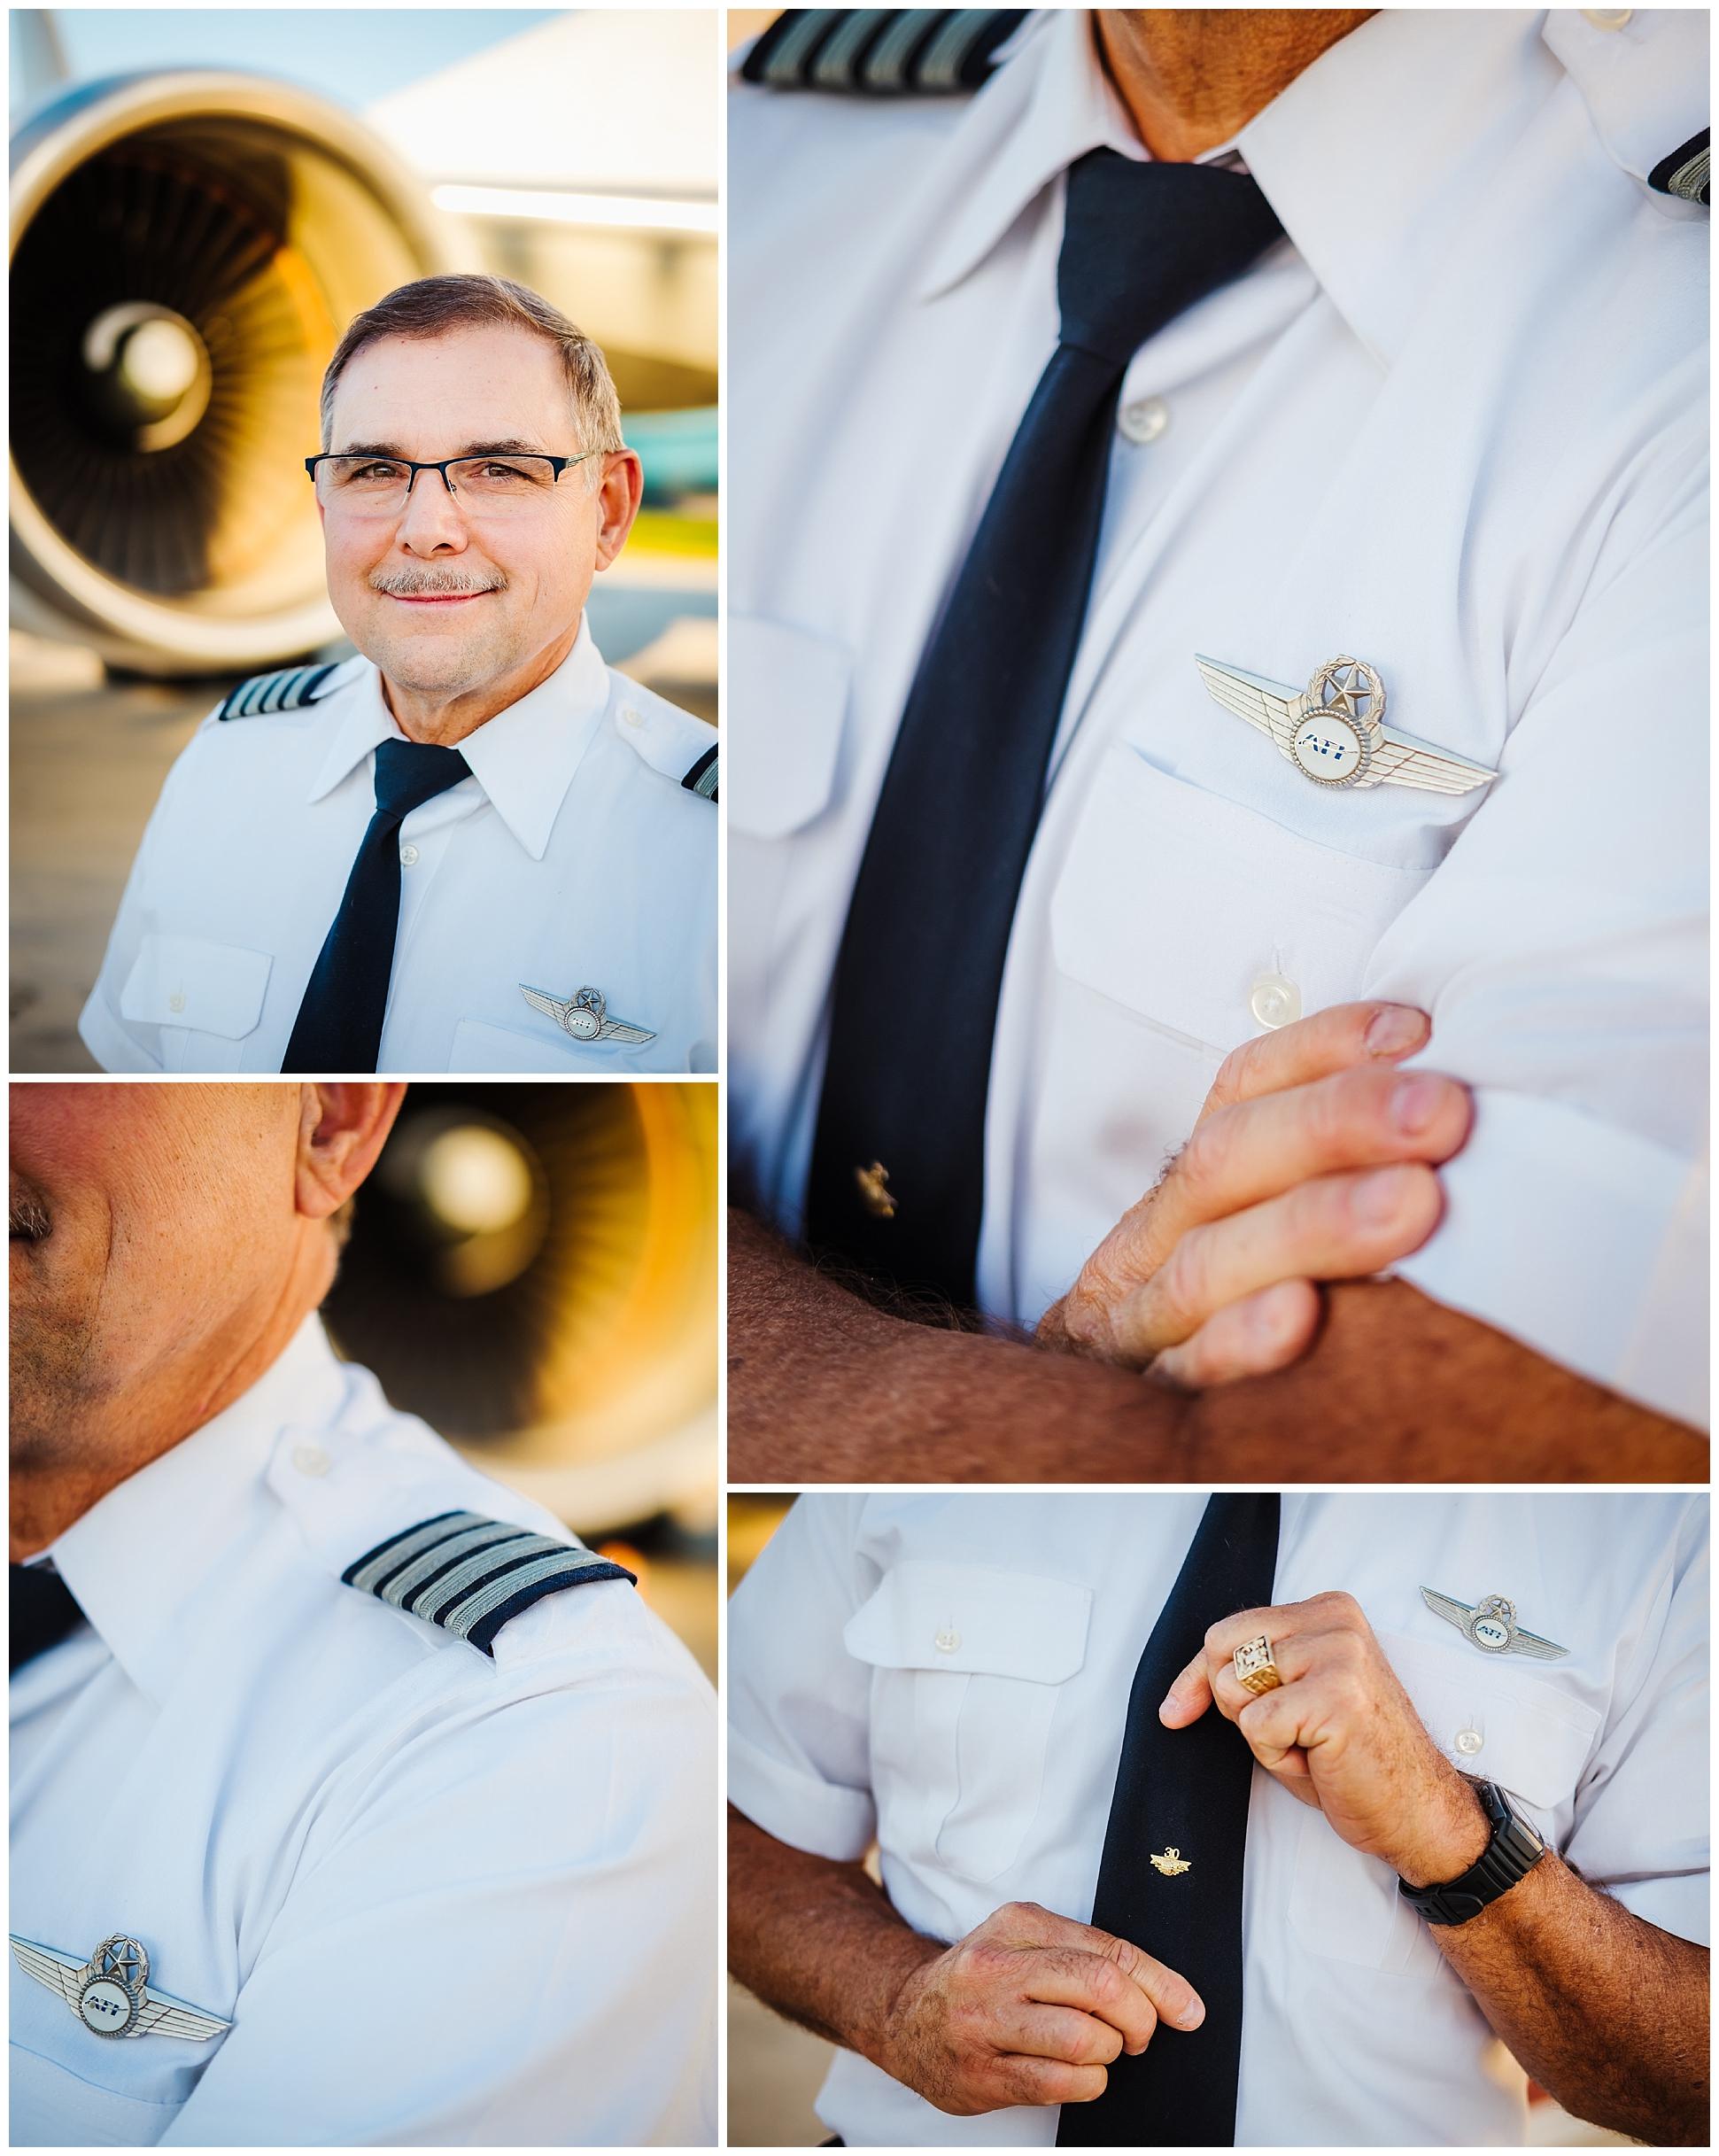 el-capitan-hamon-airline-pilot_6.jpg